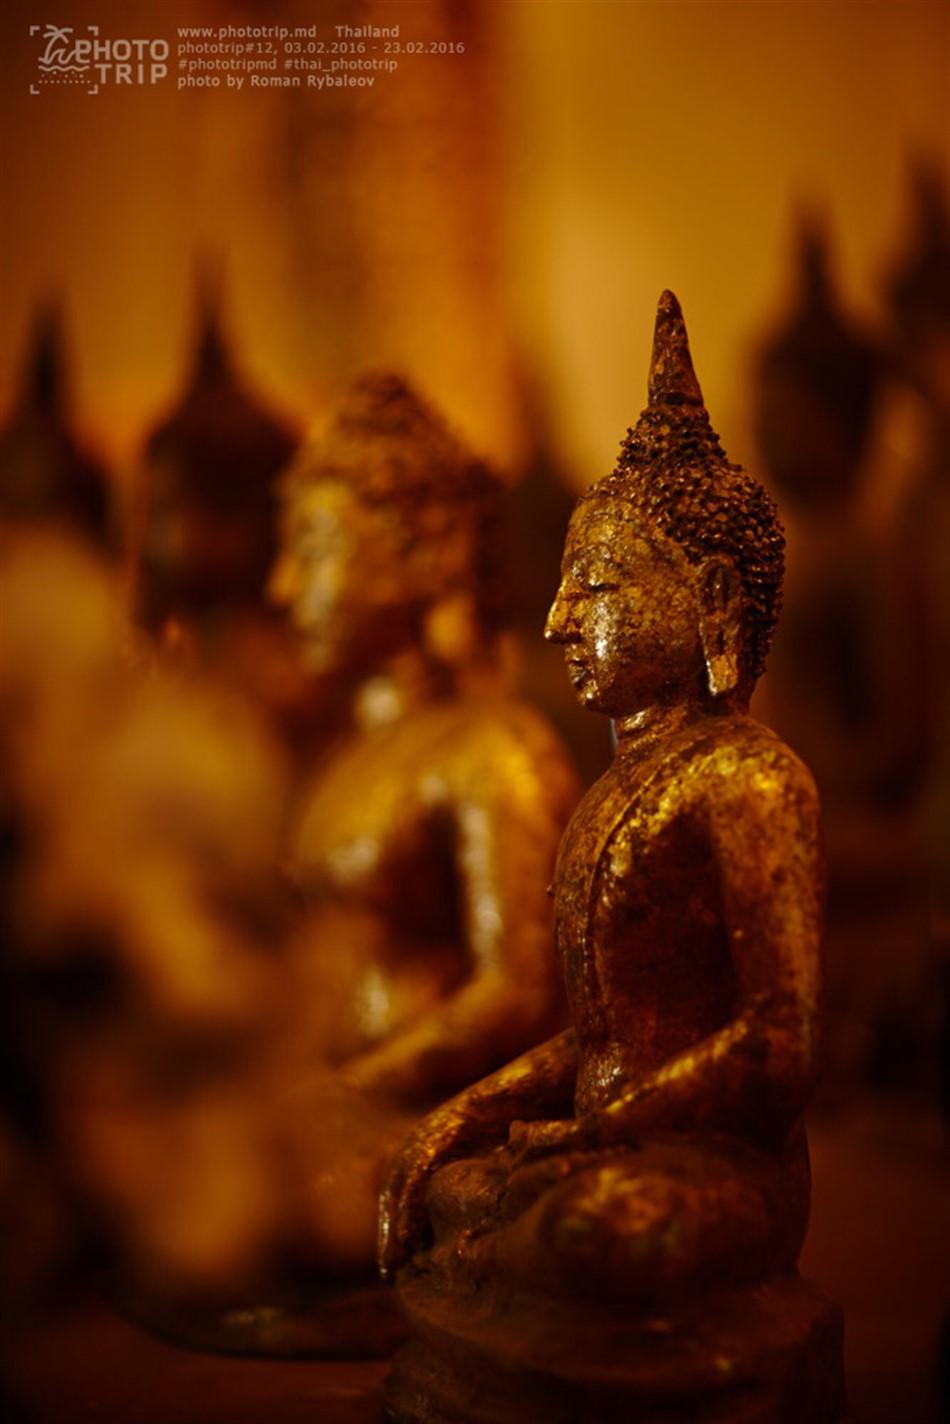 thailand2016_part3_026_950x1424